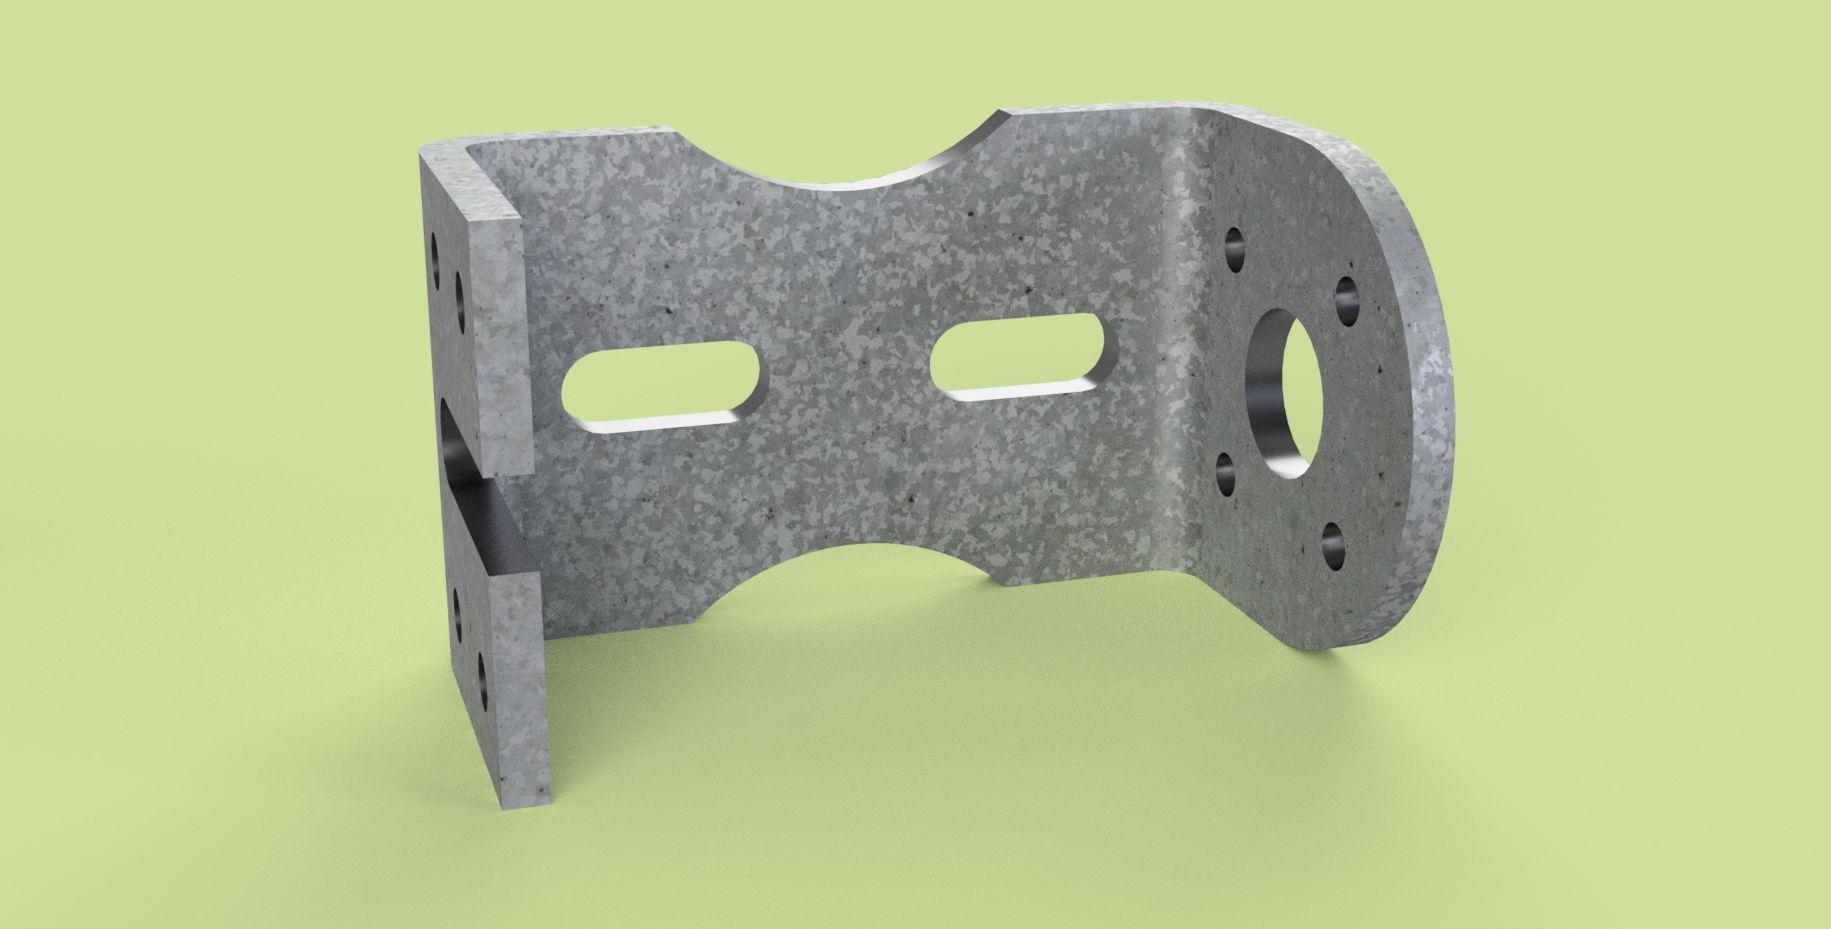 Sheet-metal-v1-c-3500-3500